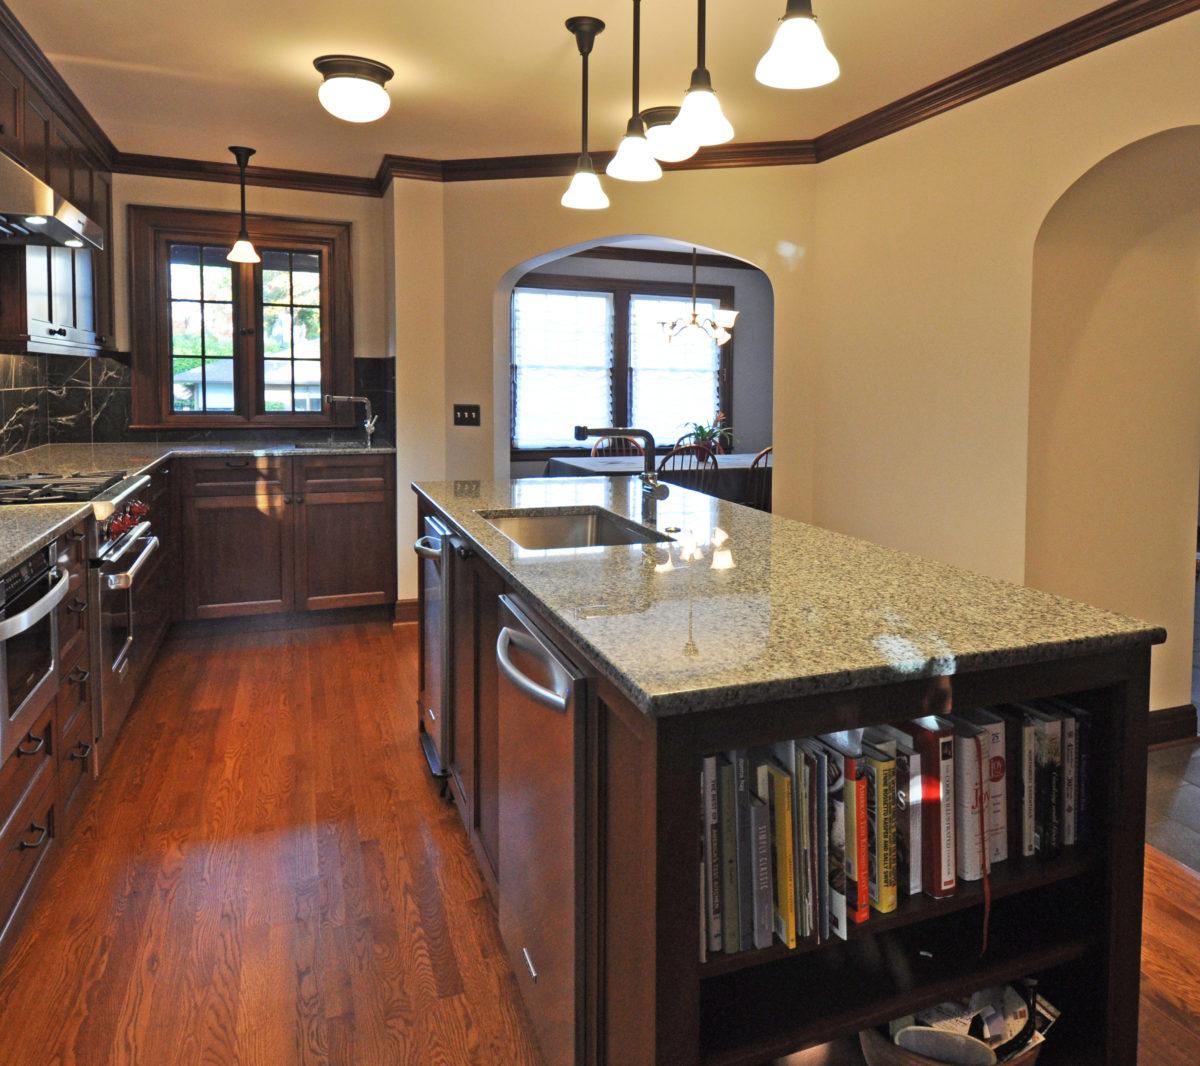 tudor kitchen remodel ceiling light fine homebuilding